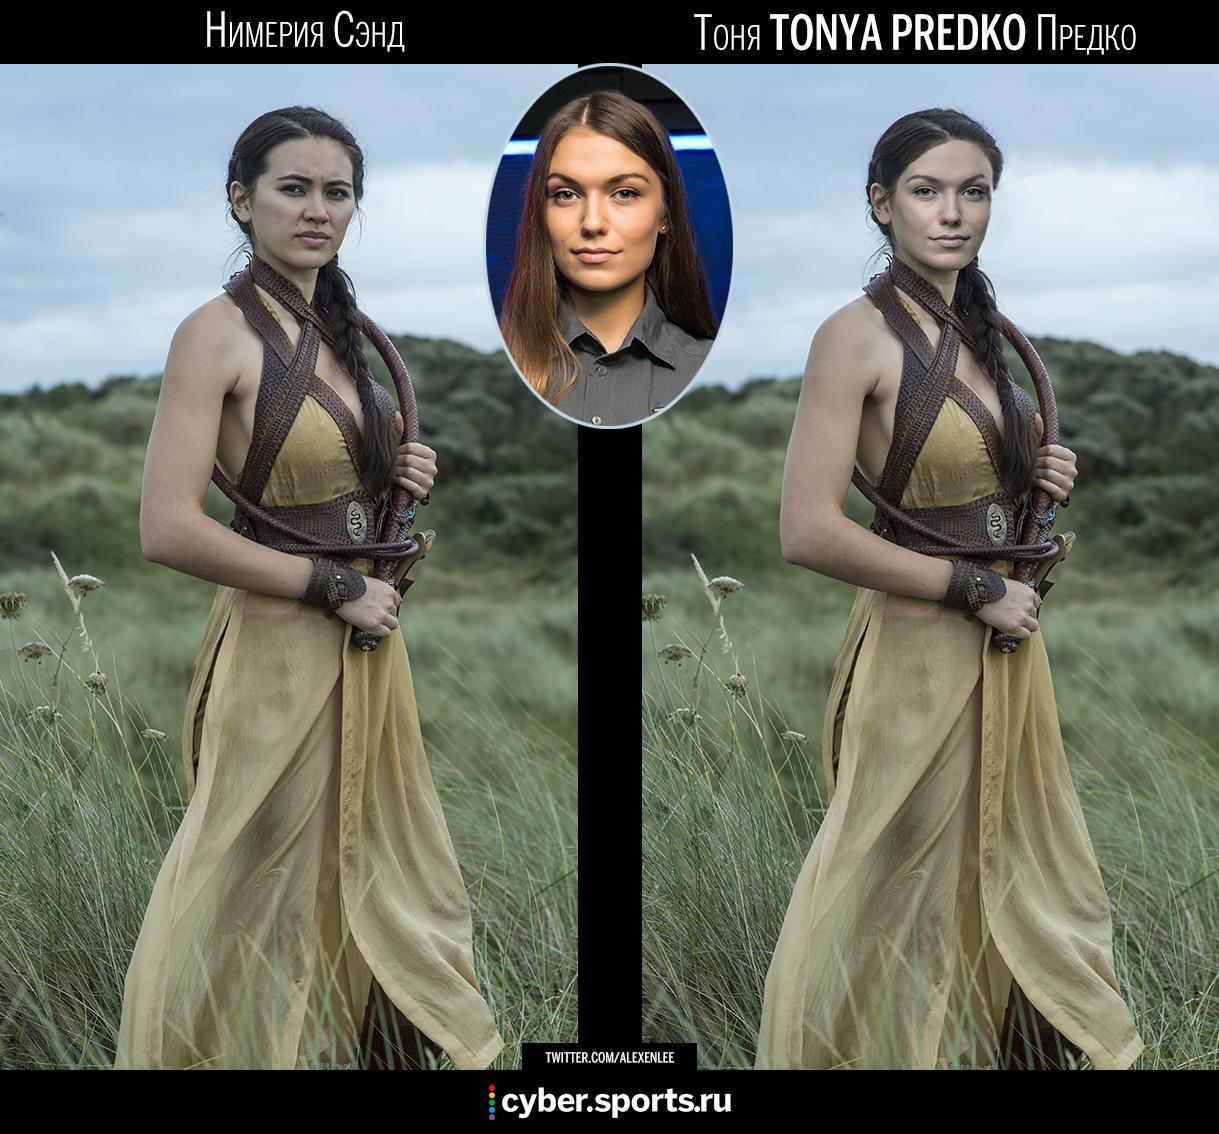 Тоня Предко